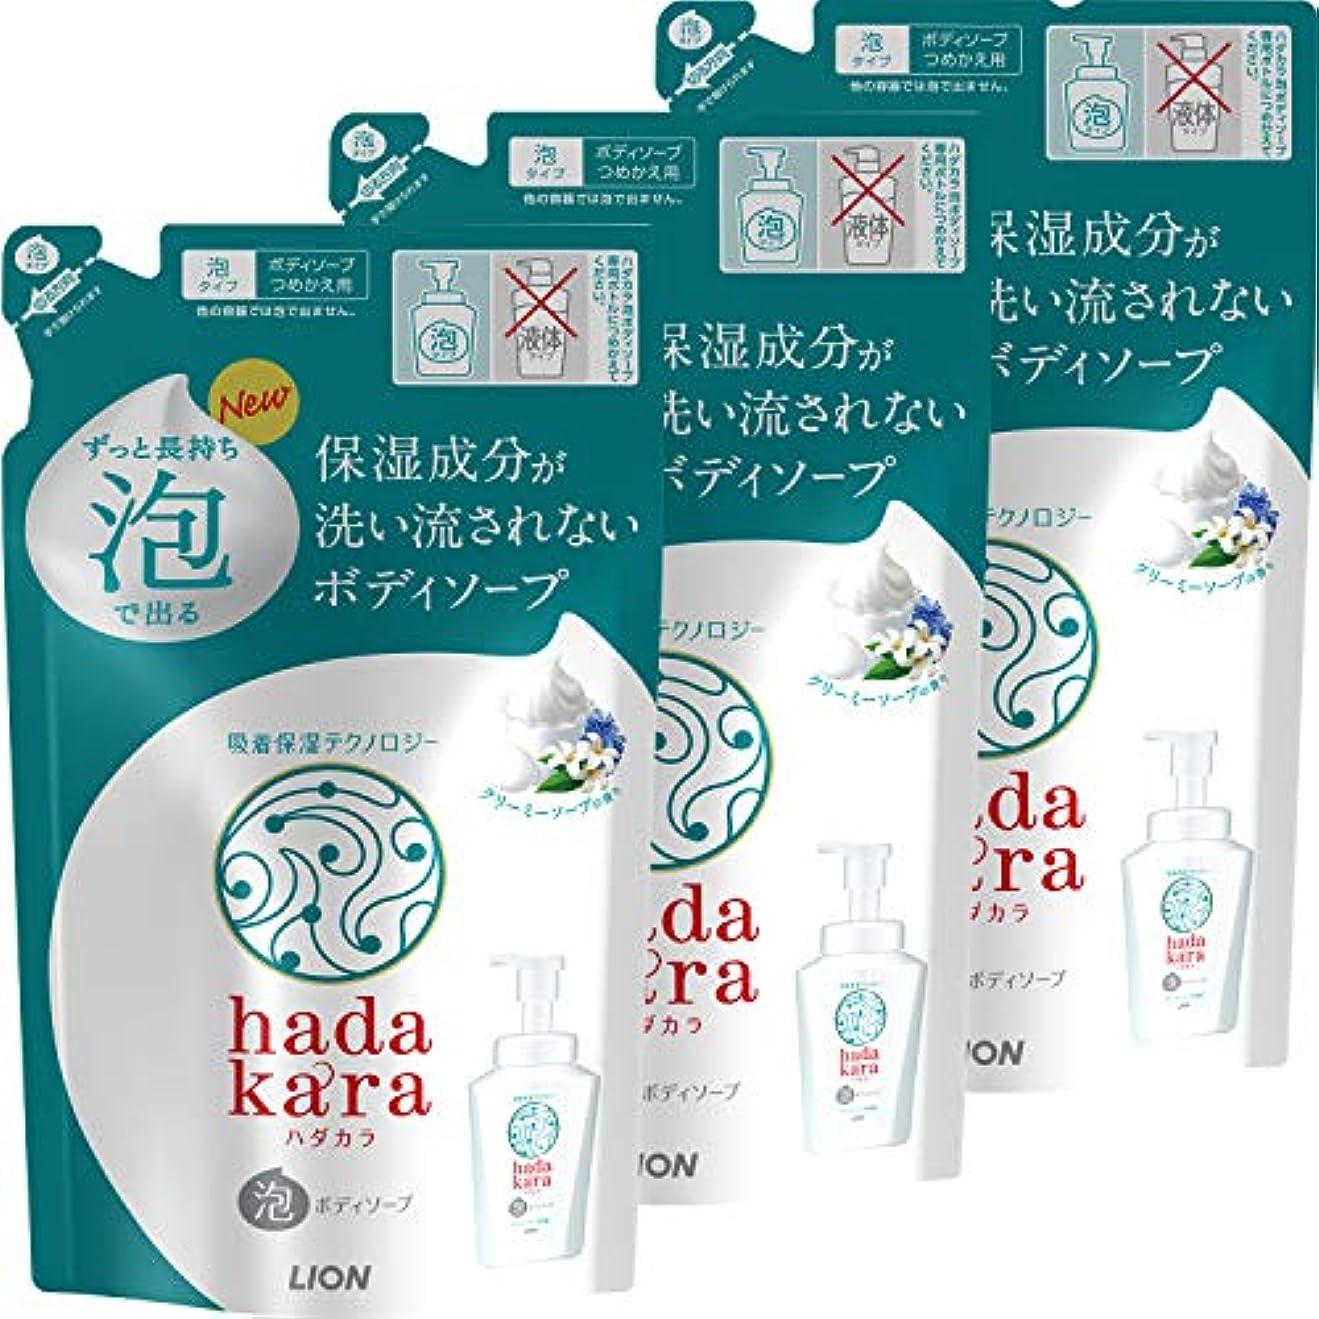 活力果てしない前売hadakara(ハダカラ) ボディソープ 泡タイプ クリーミーソープの香り 詰替440ml×3個